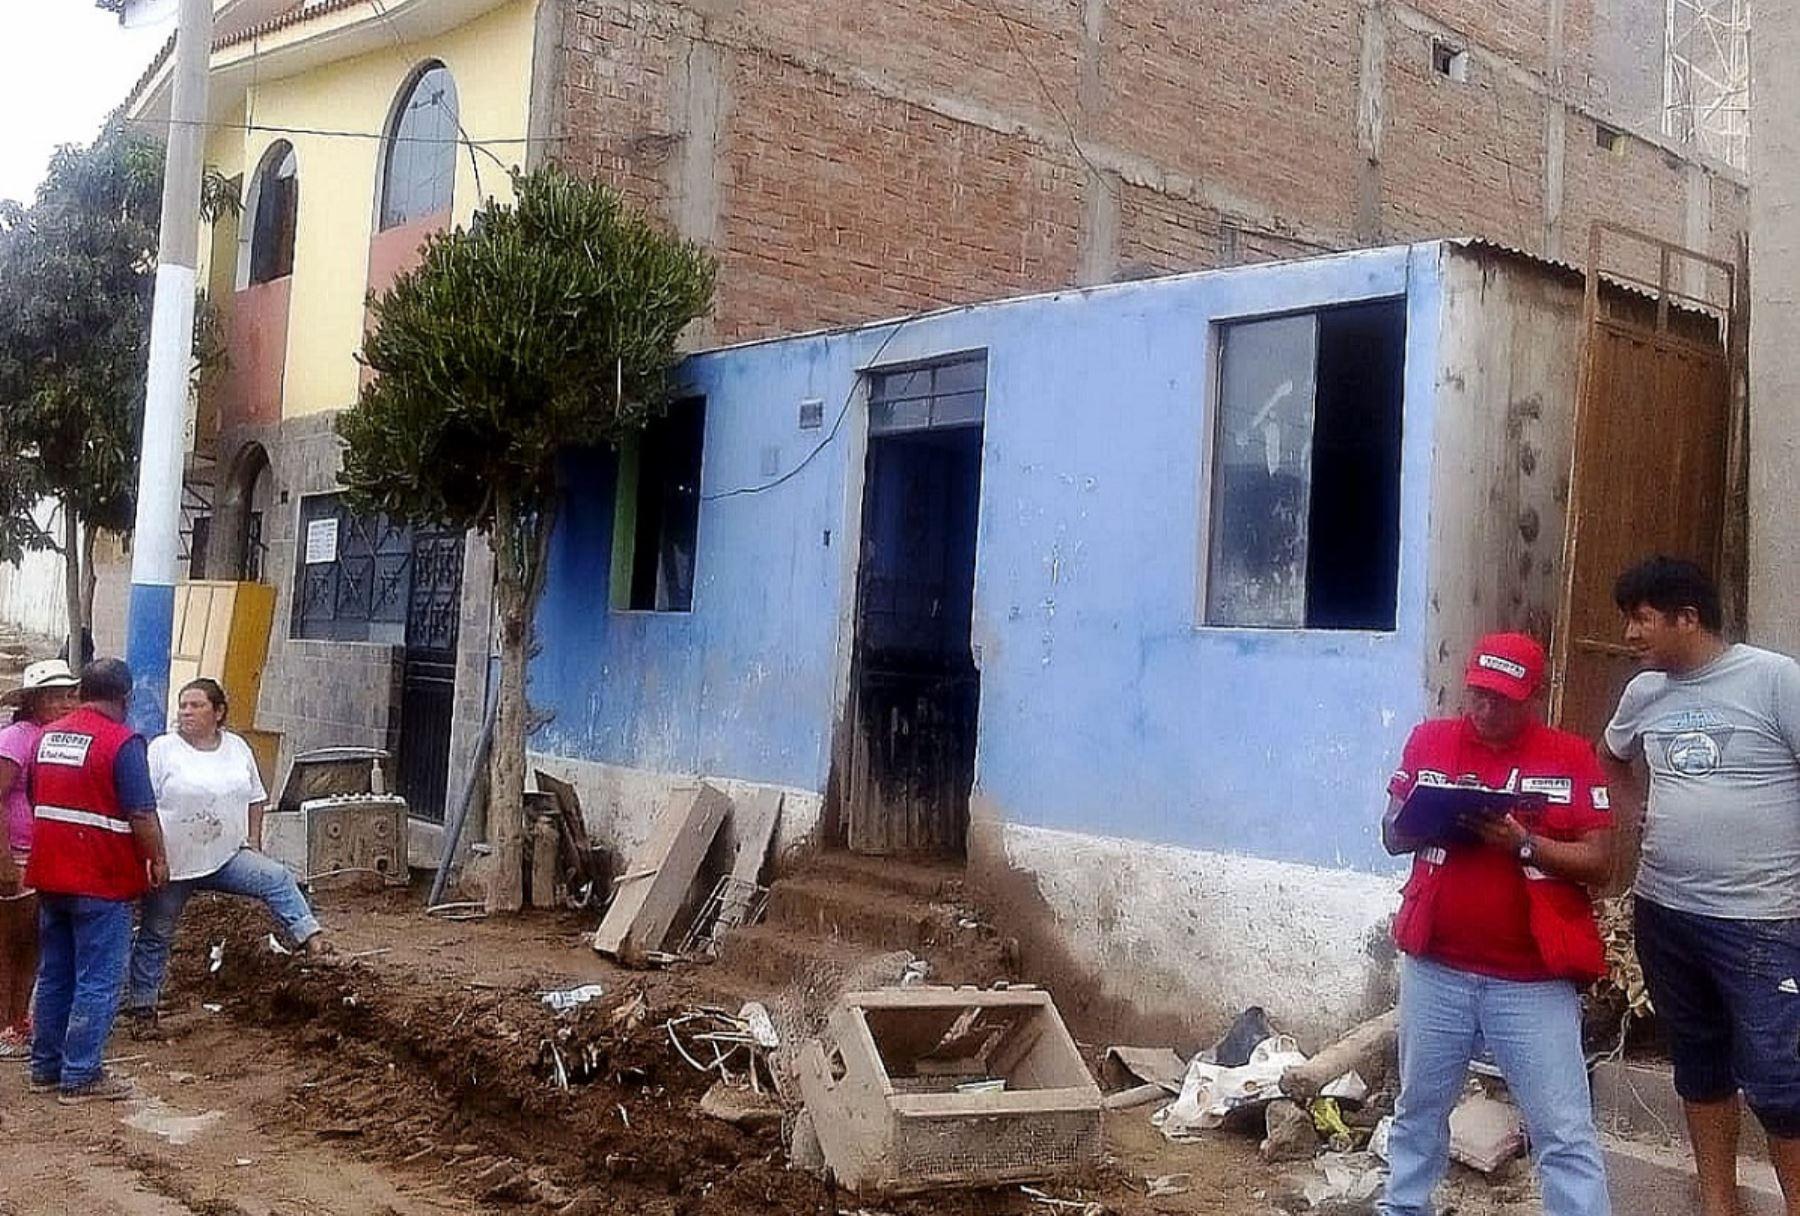 Verificación de viviendas afectadas por el huaico en Aplao, Arequipa, a cargo de Cofopri. Foto: Cortesía.